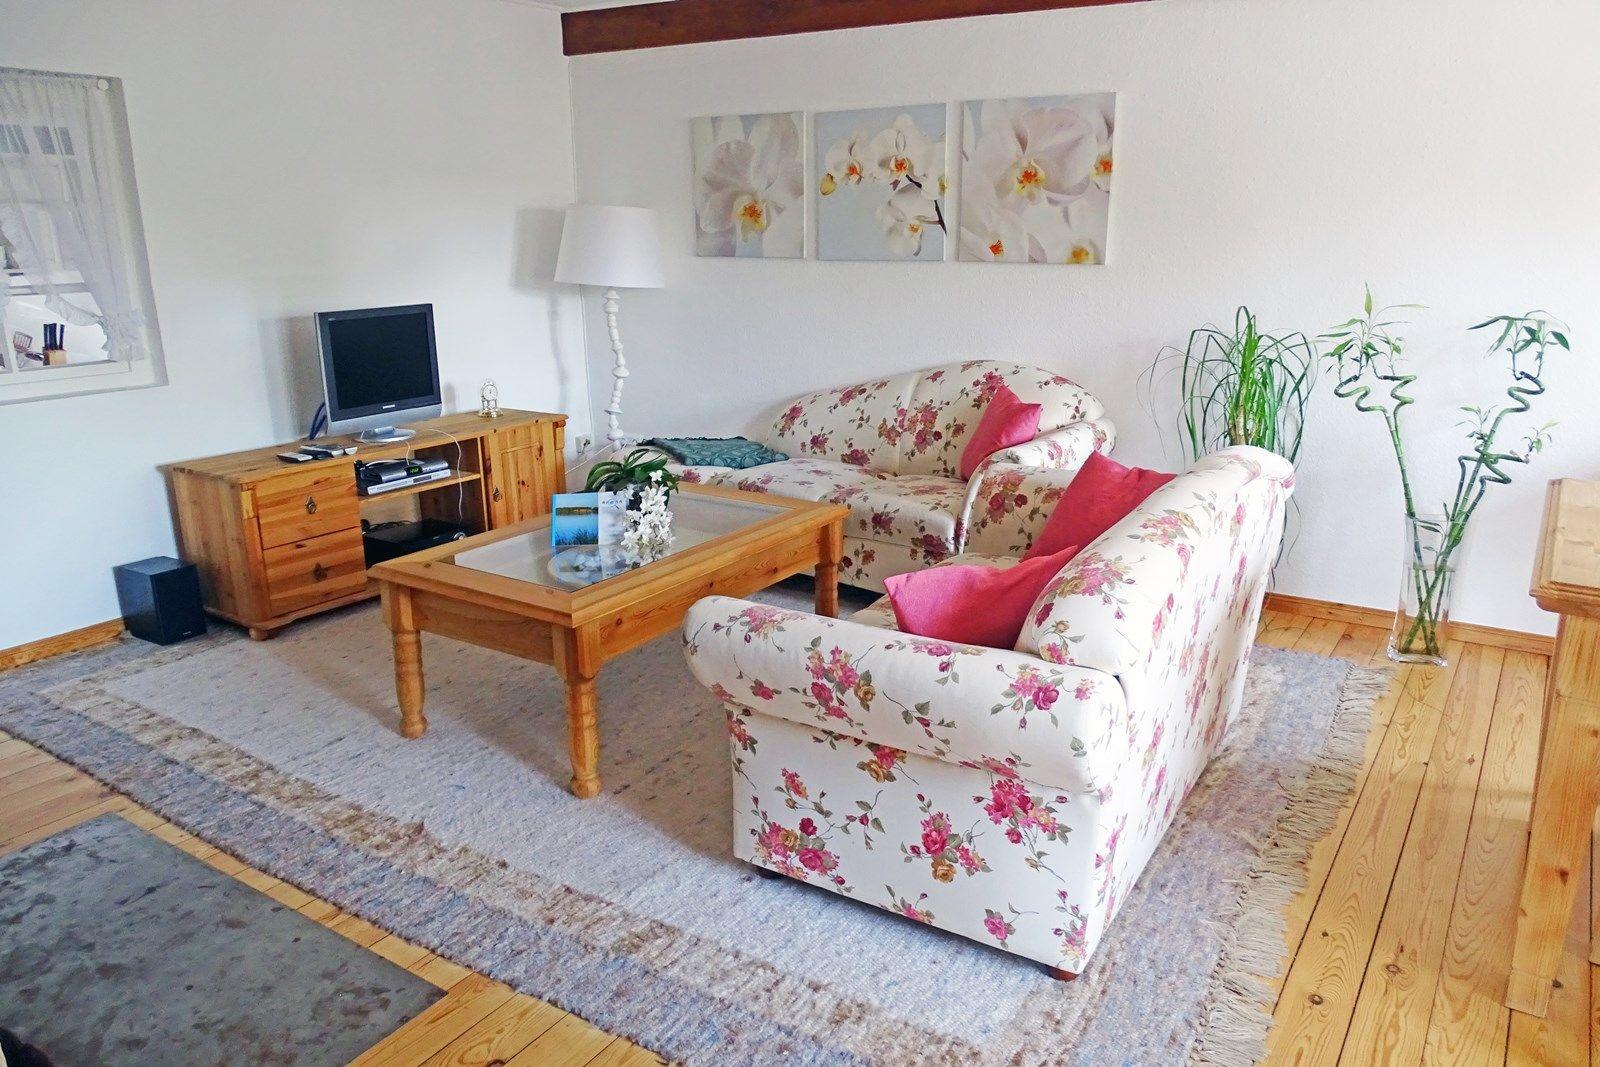 Wohnzimmer mit neuer Sofaecke